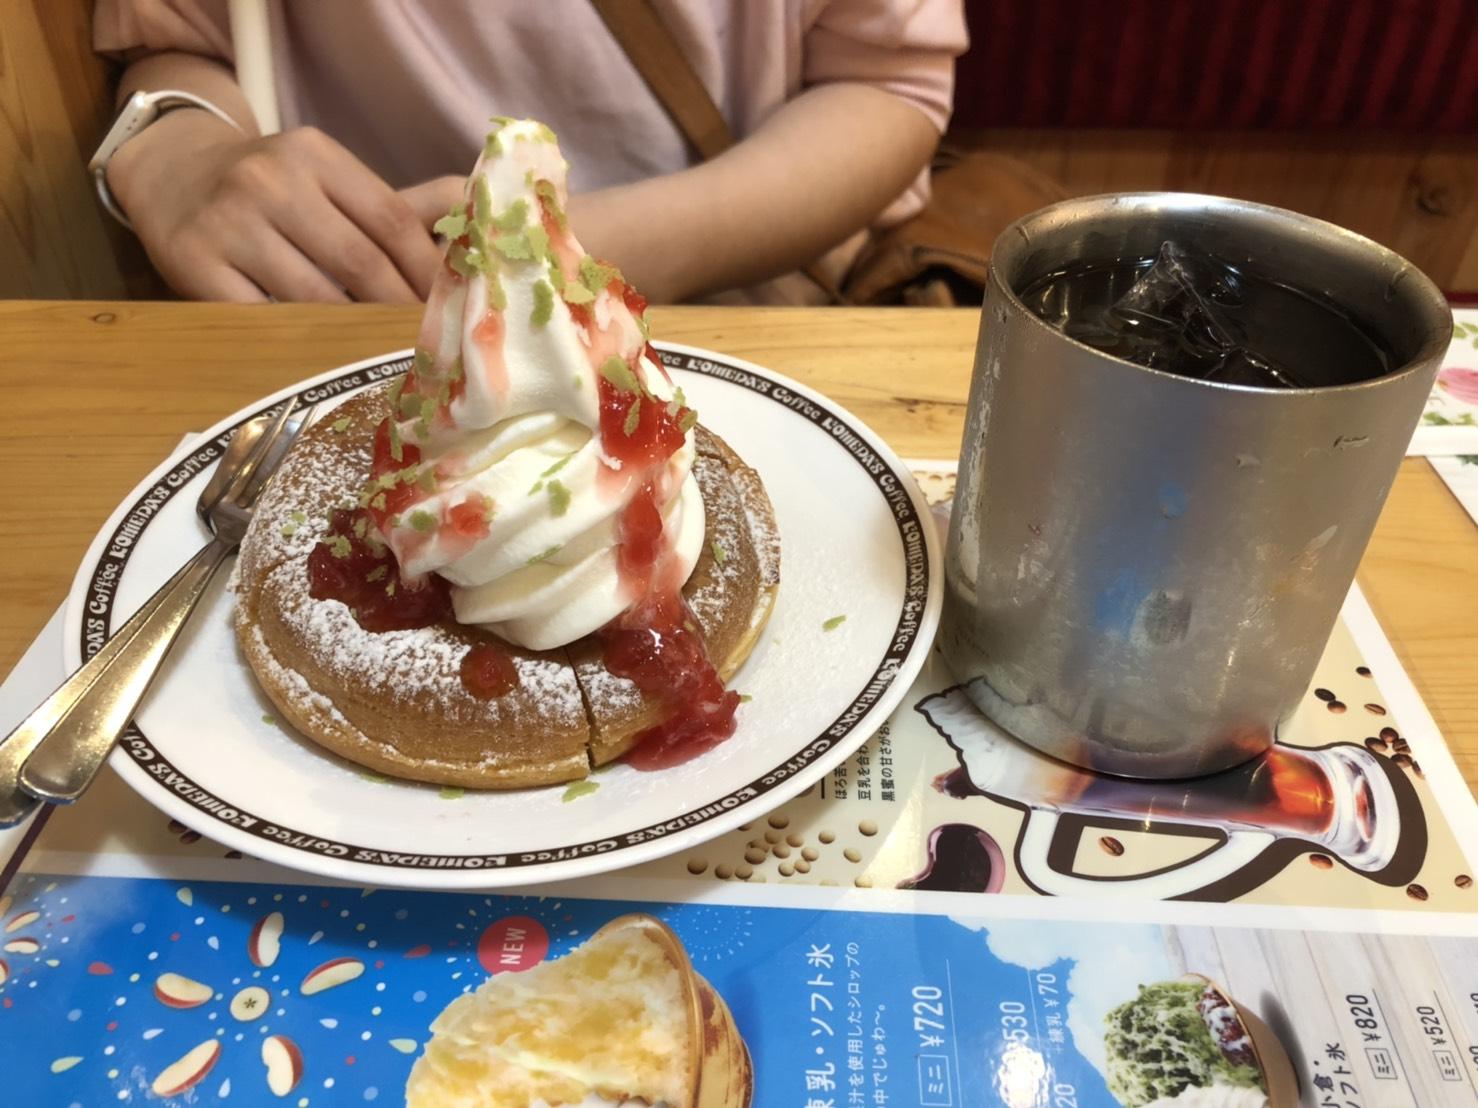 アップルカスタードのシロノワールとアイスコーヒー